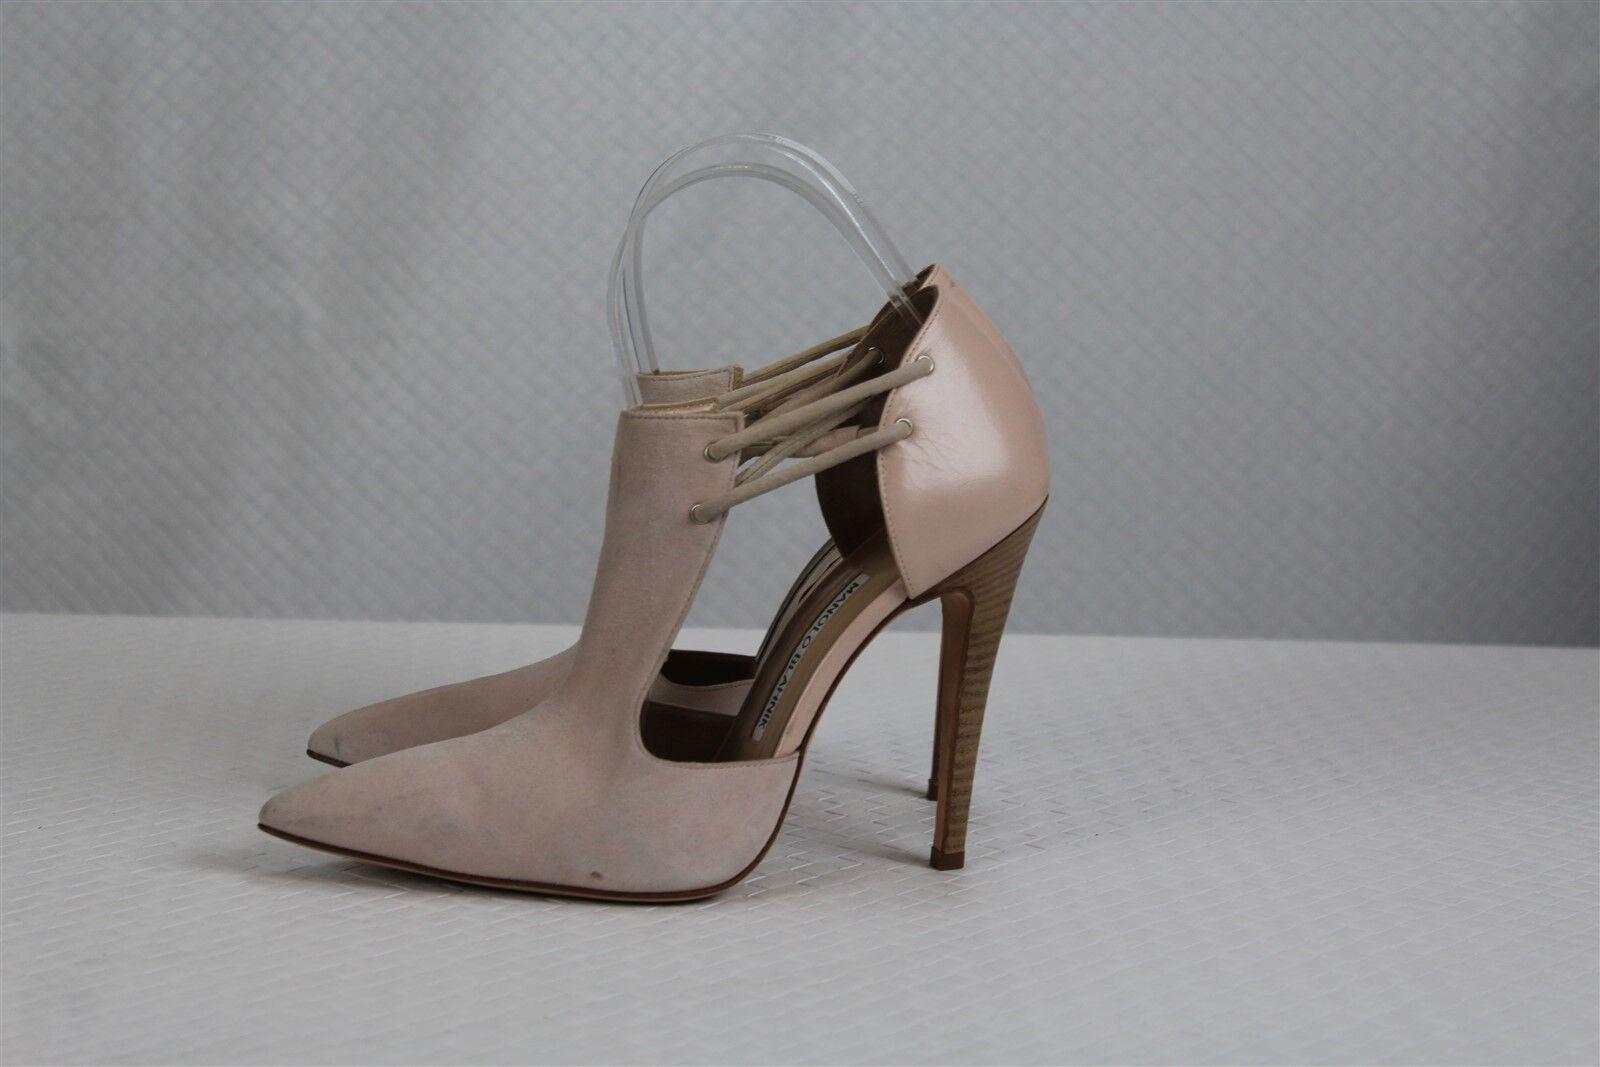 Manolo Blahnik para para para mujeres Zapatos Tacones 8 es 38 Luz rosado Gamuza Cuero Hecho A Mano  Envío y cambio gratis.